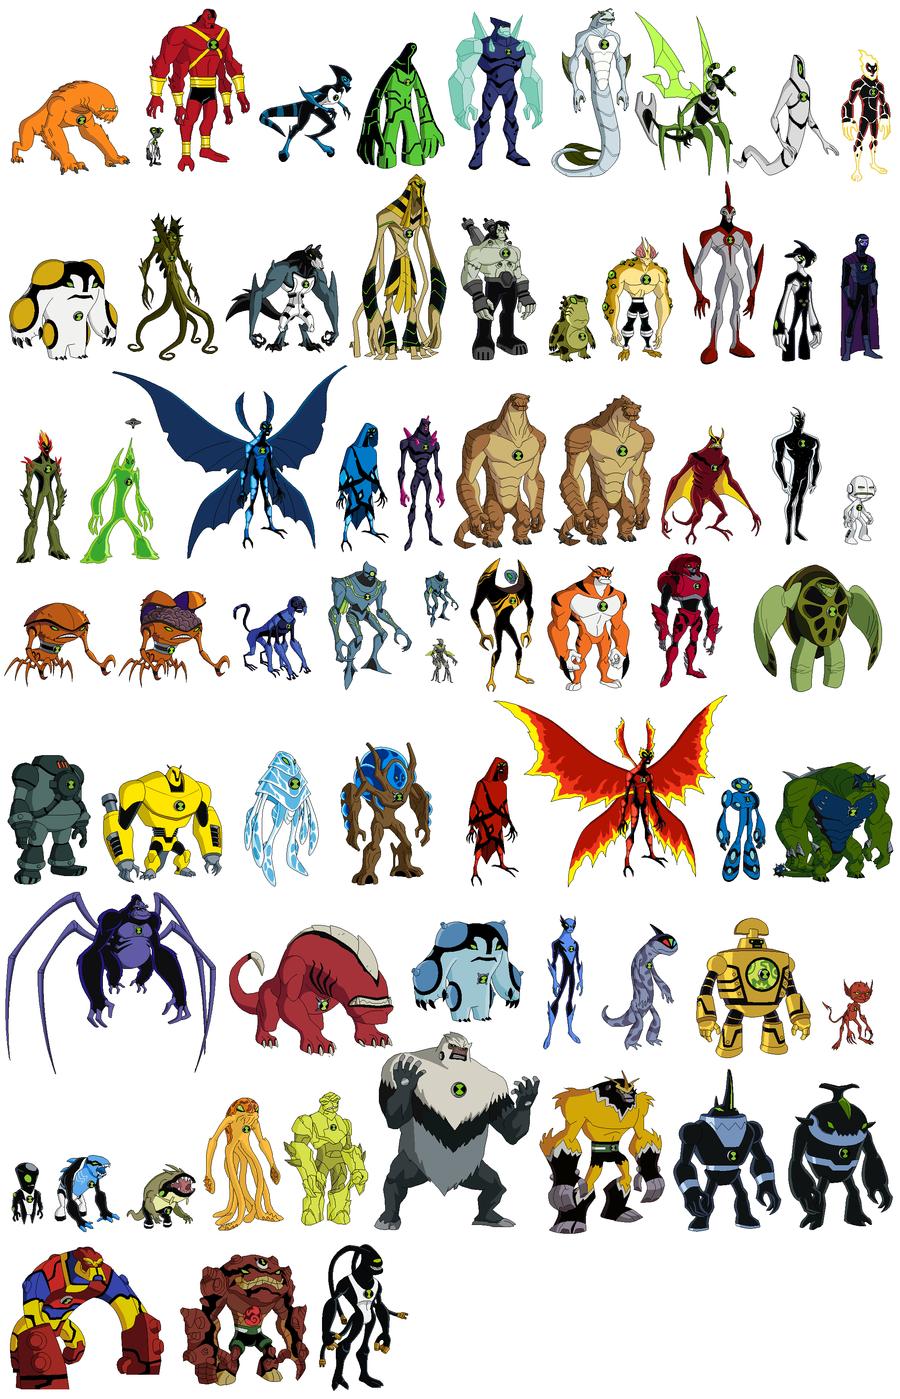 Ben 10 Omniverse Sprites Artistas Buscar Con Google Como Dibujar Personajes Modelado De Personajes Imagenes De Dibujos Animados